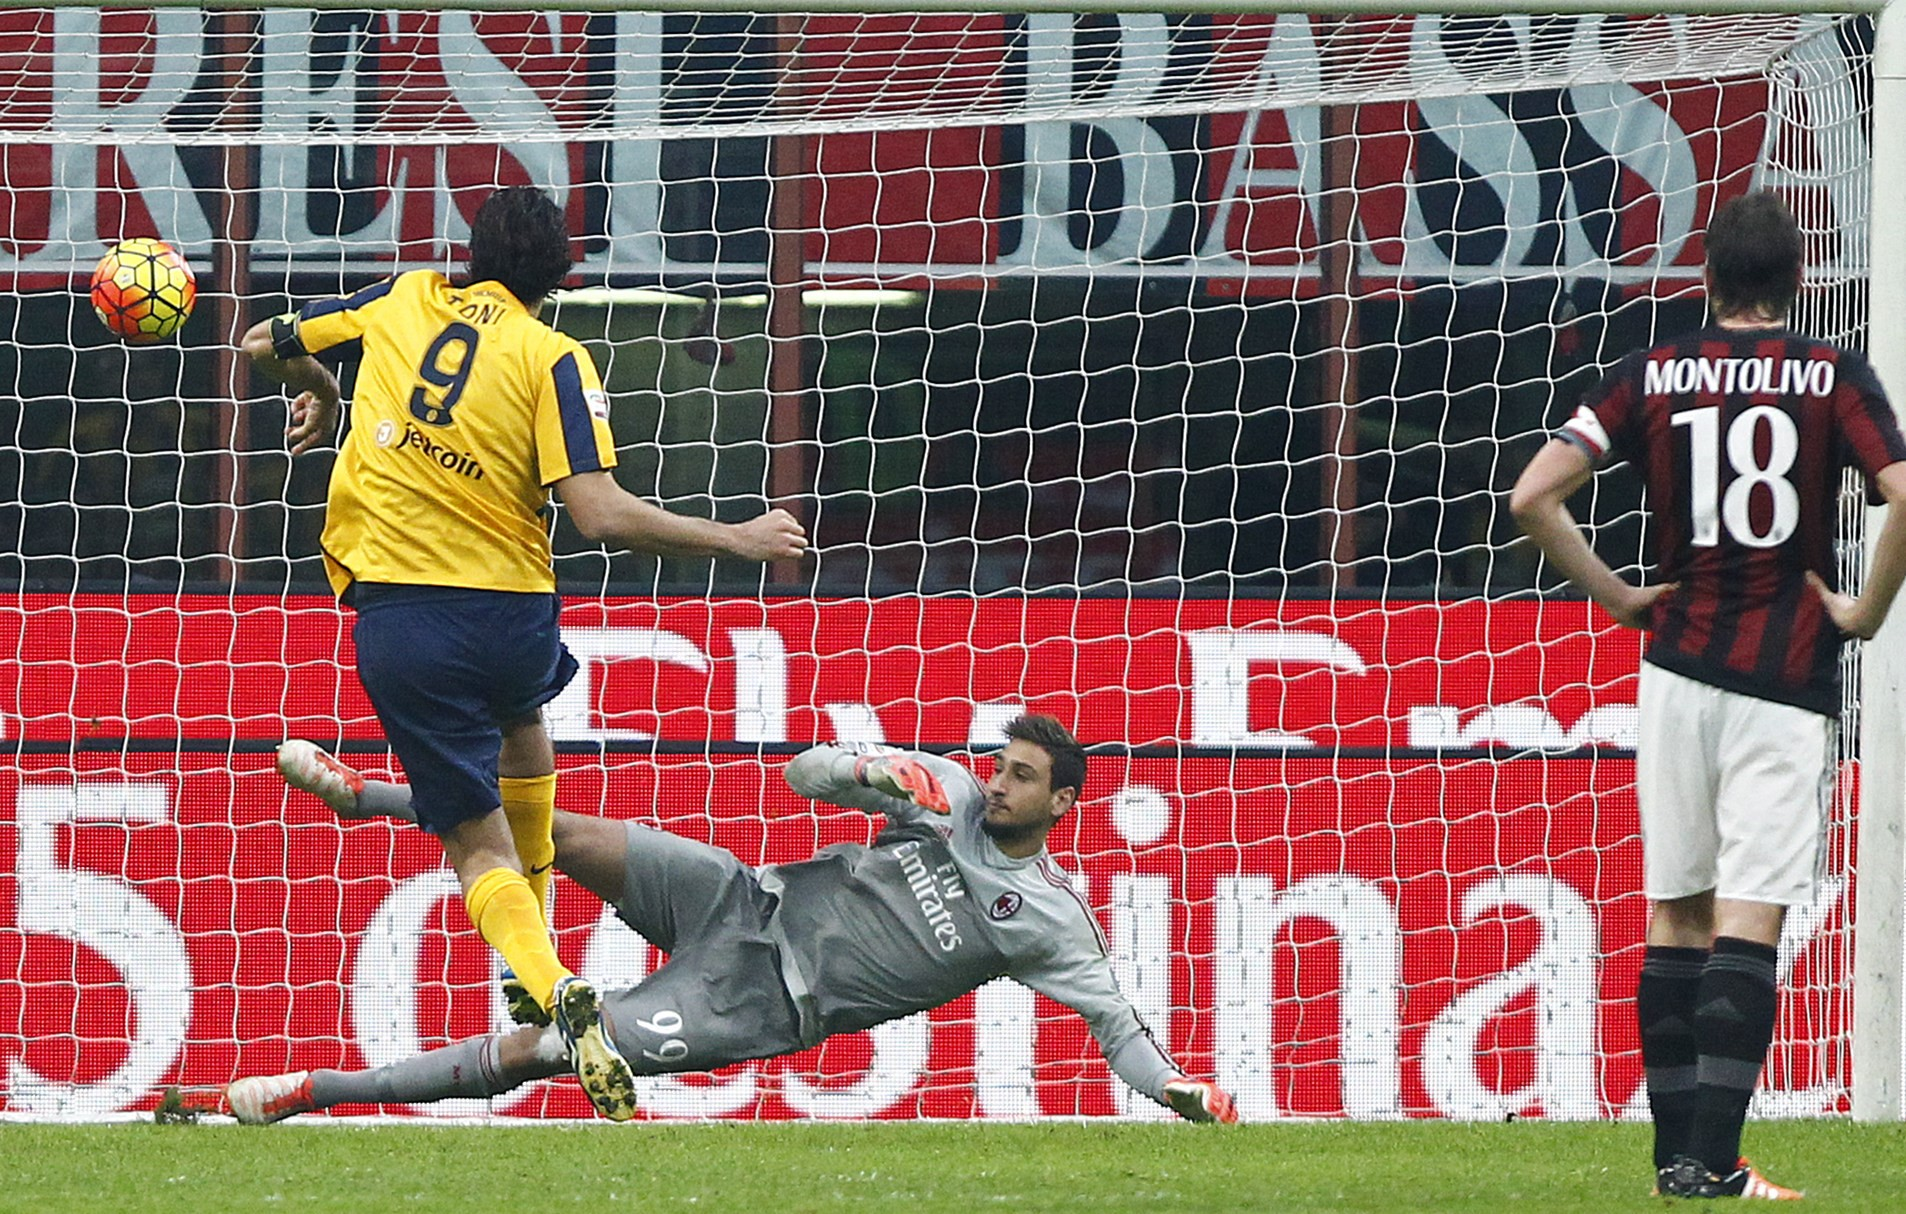 Le pagelle di Milan-Hellas Verona 1-1 - Eurosport